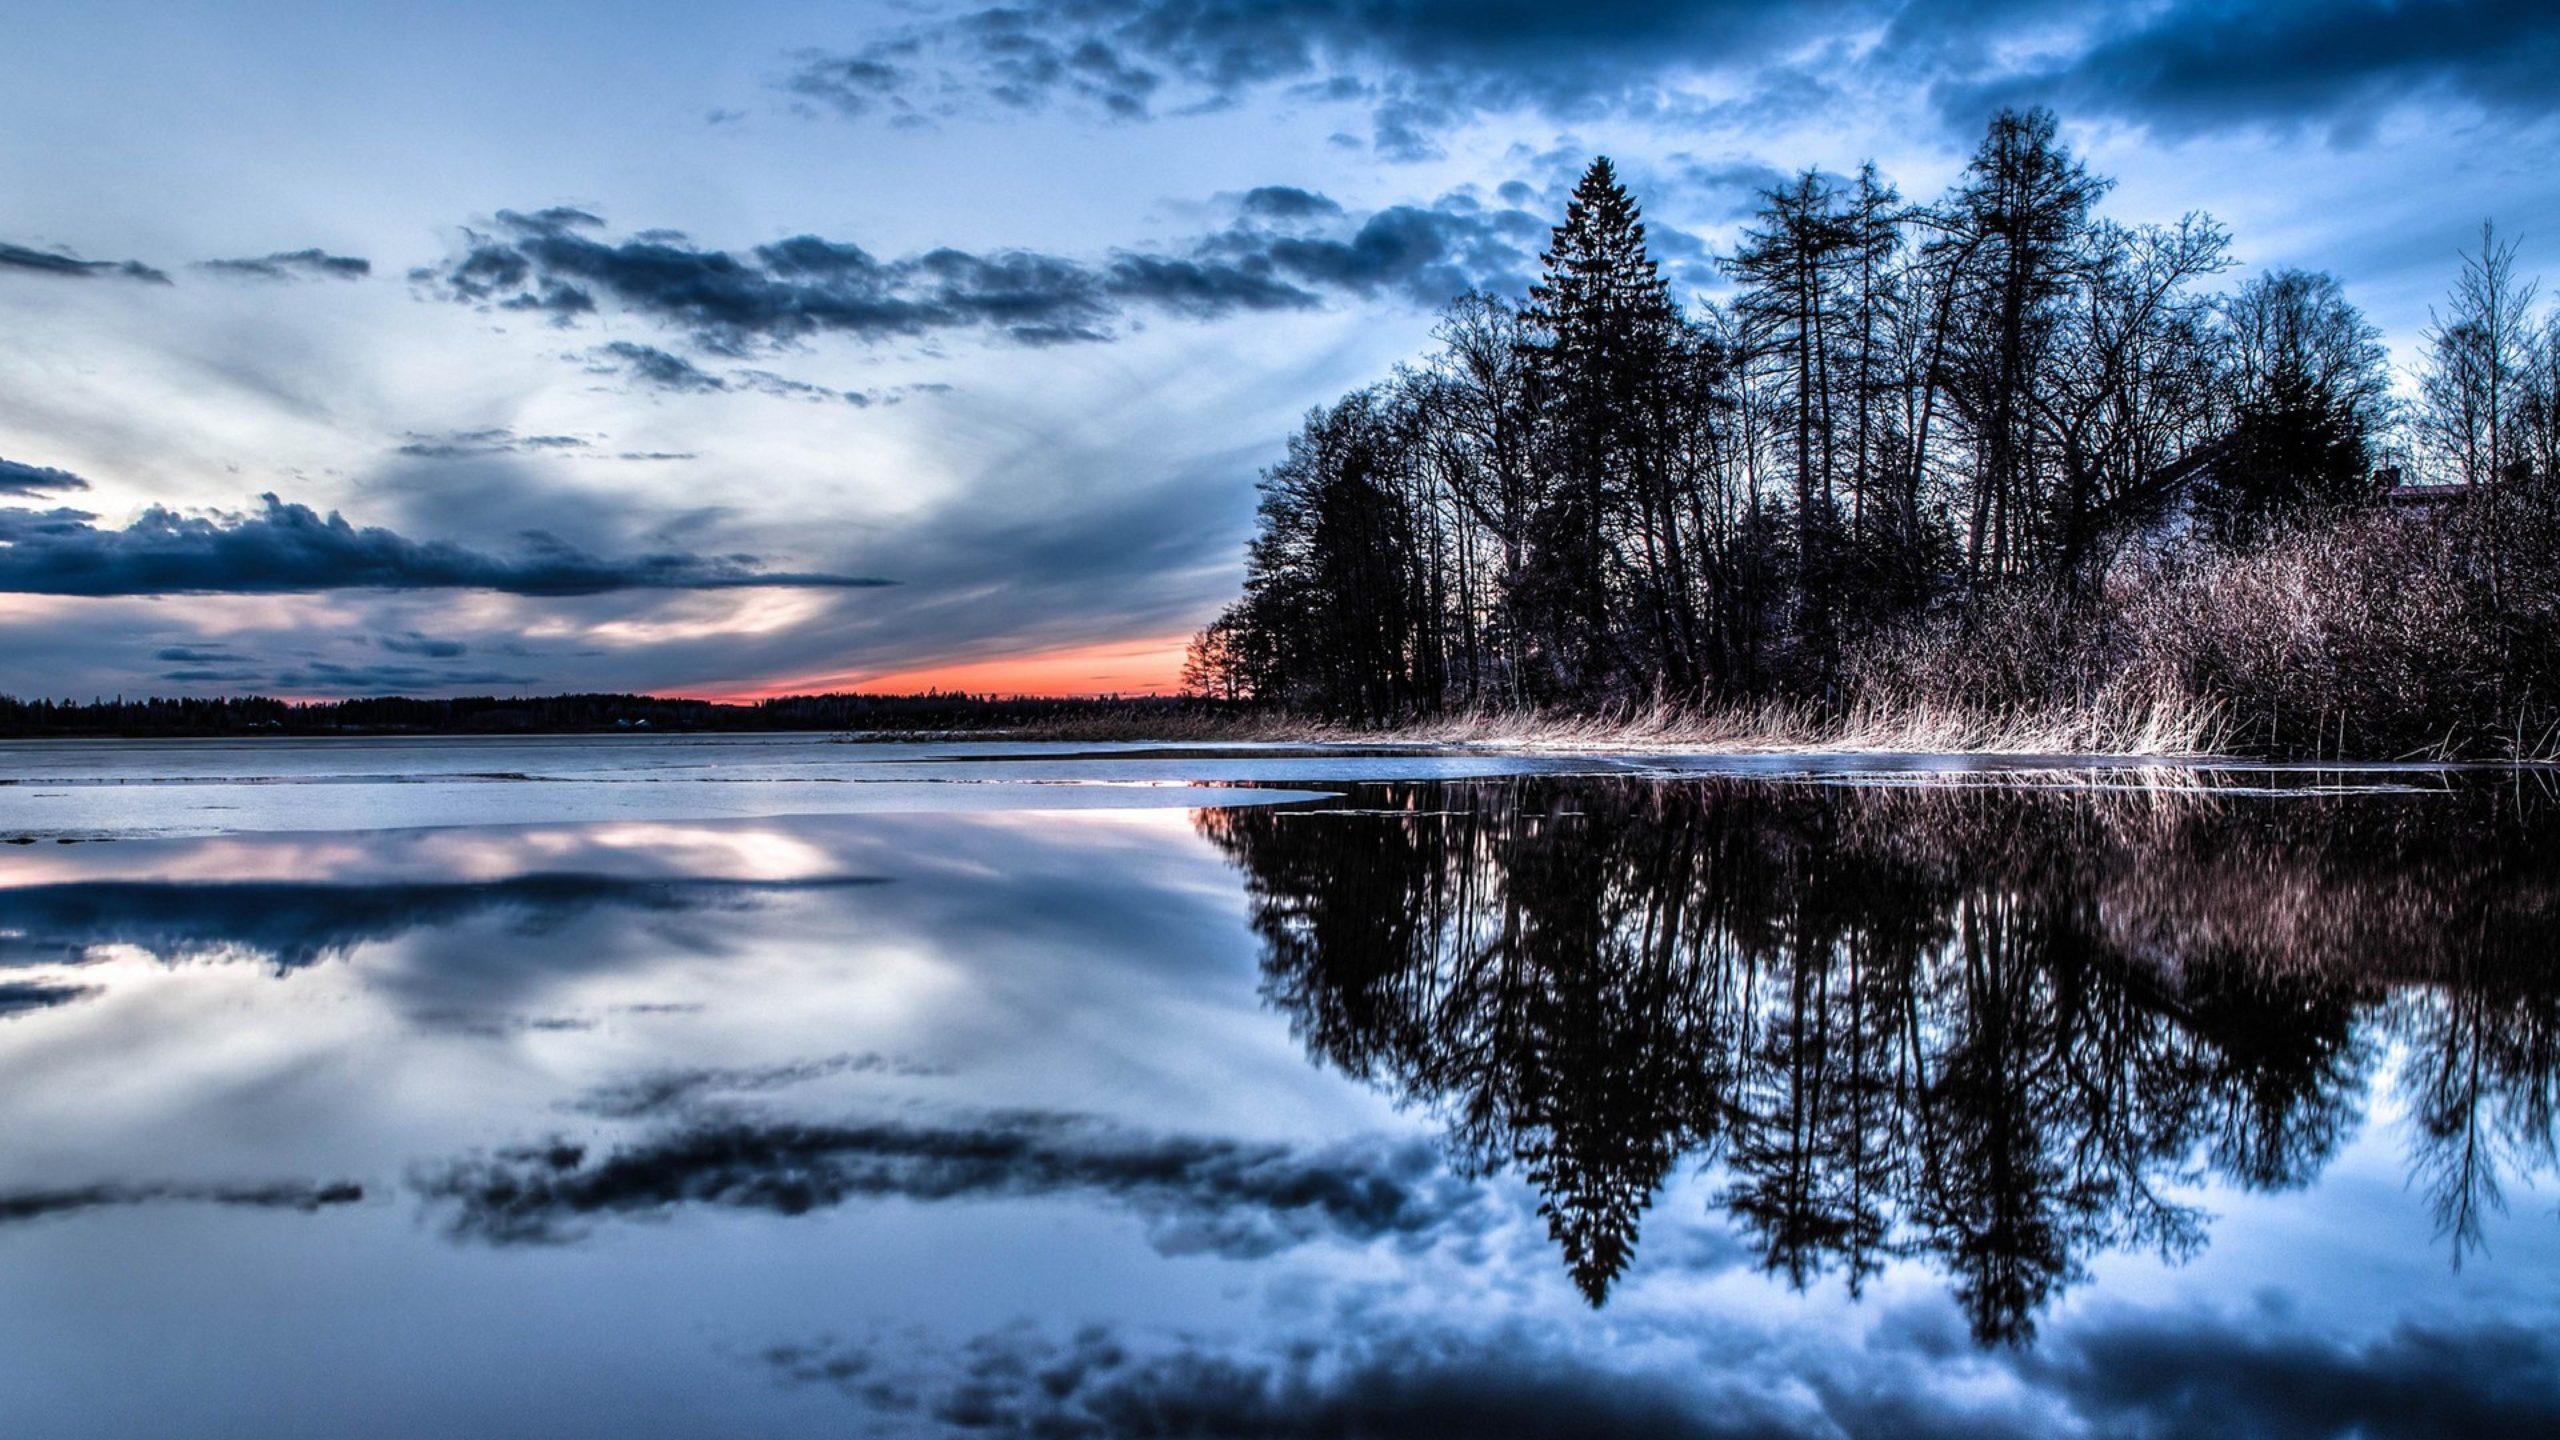 Отражение озеро закат вода вечер